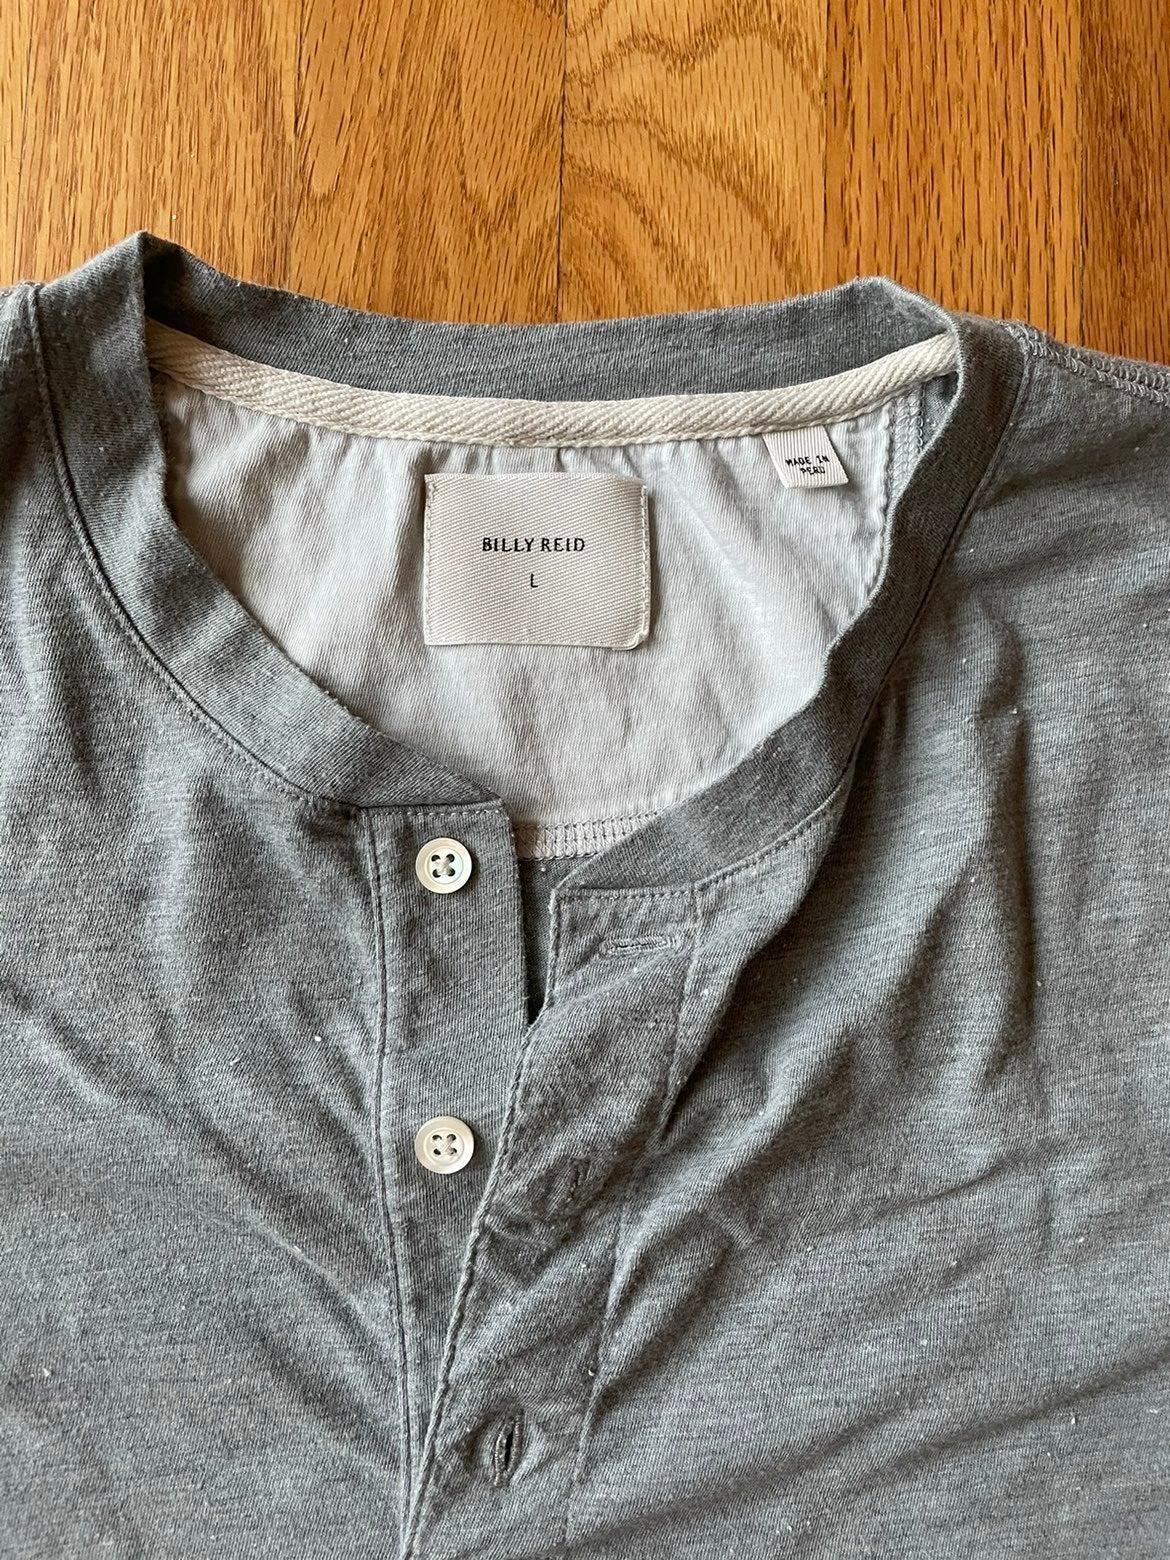 Billy Reid mens L tshirt